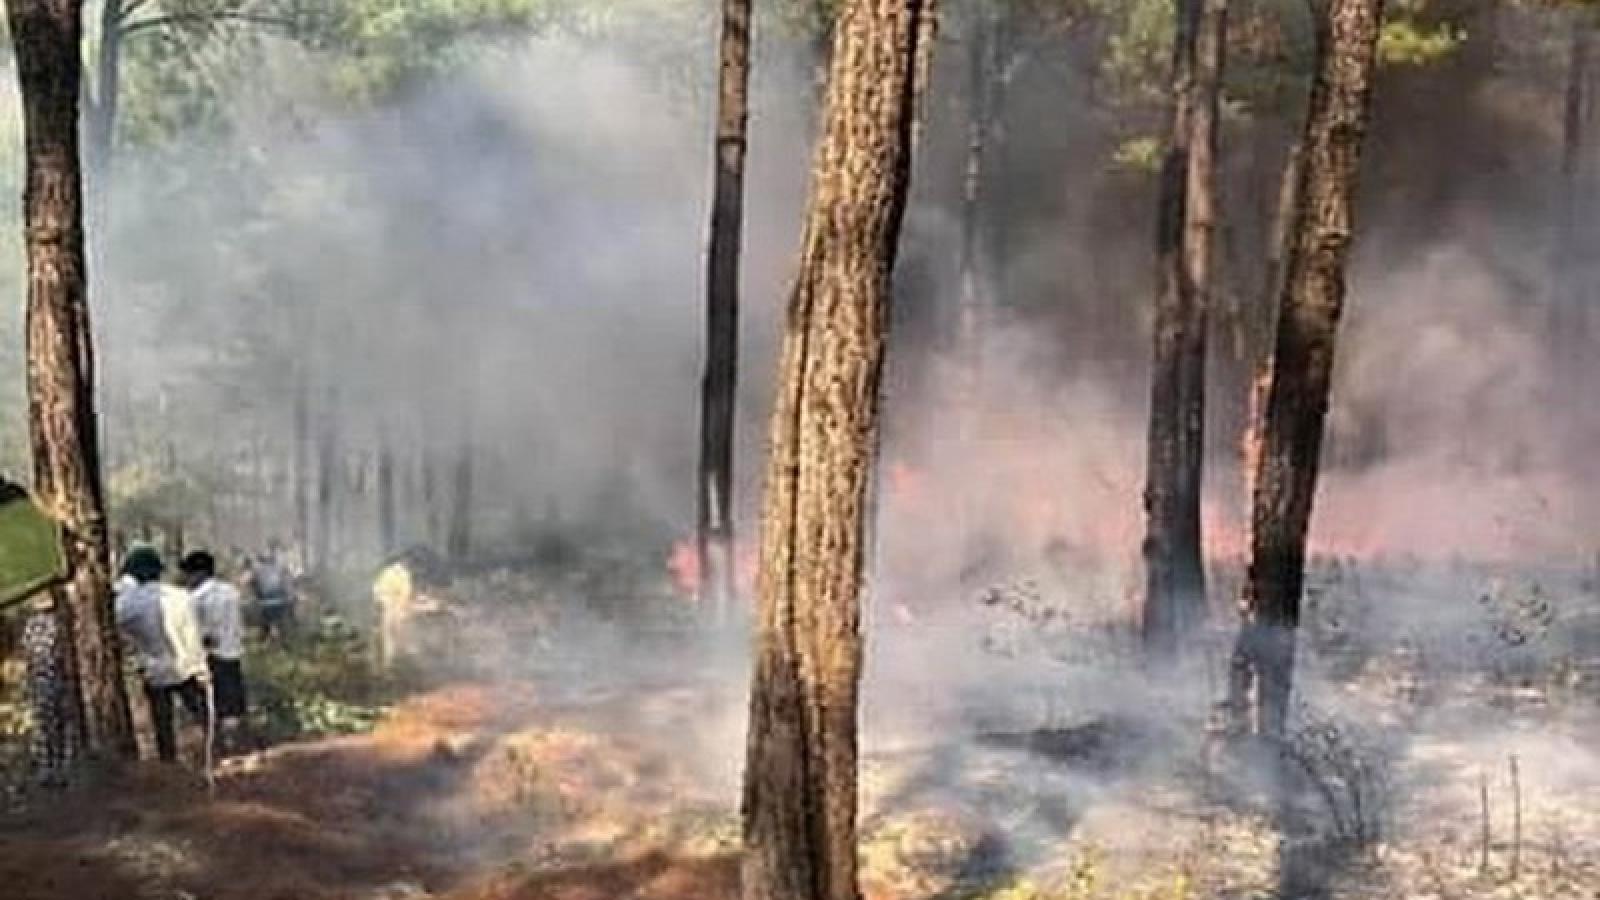 Quảng Bình liên tiếp xảy ra các vụ cháy rừng trong 1 ngày 